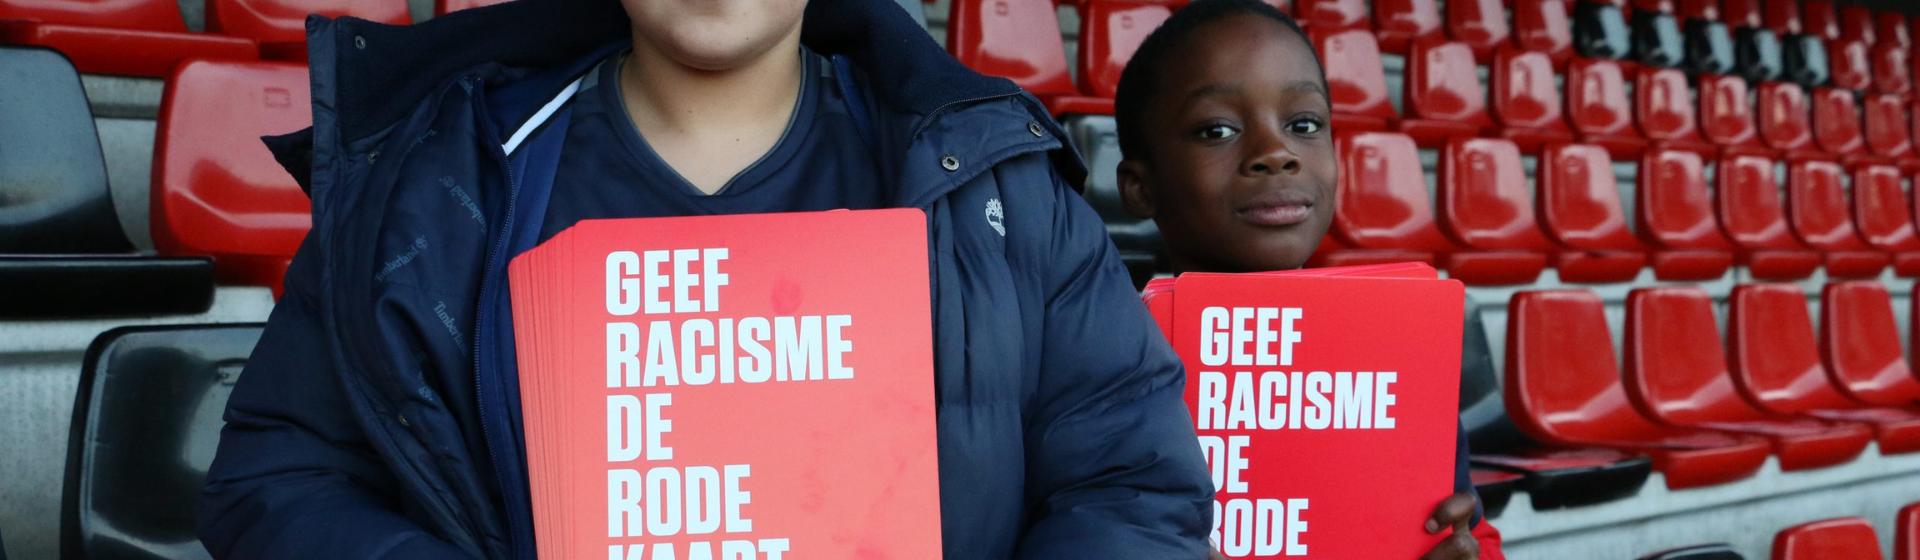 Geef Racisme de Rode Kaart header